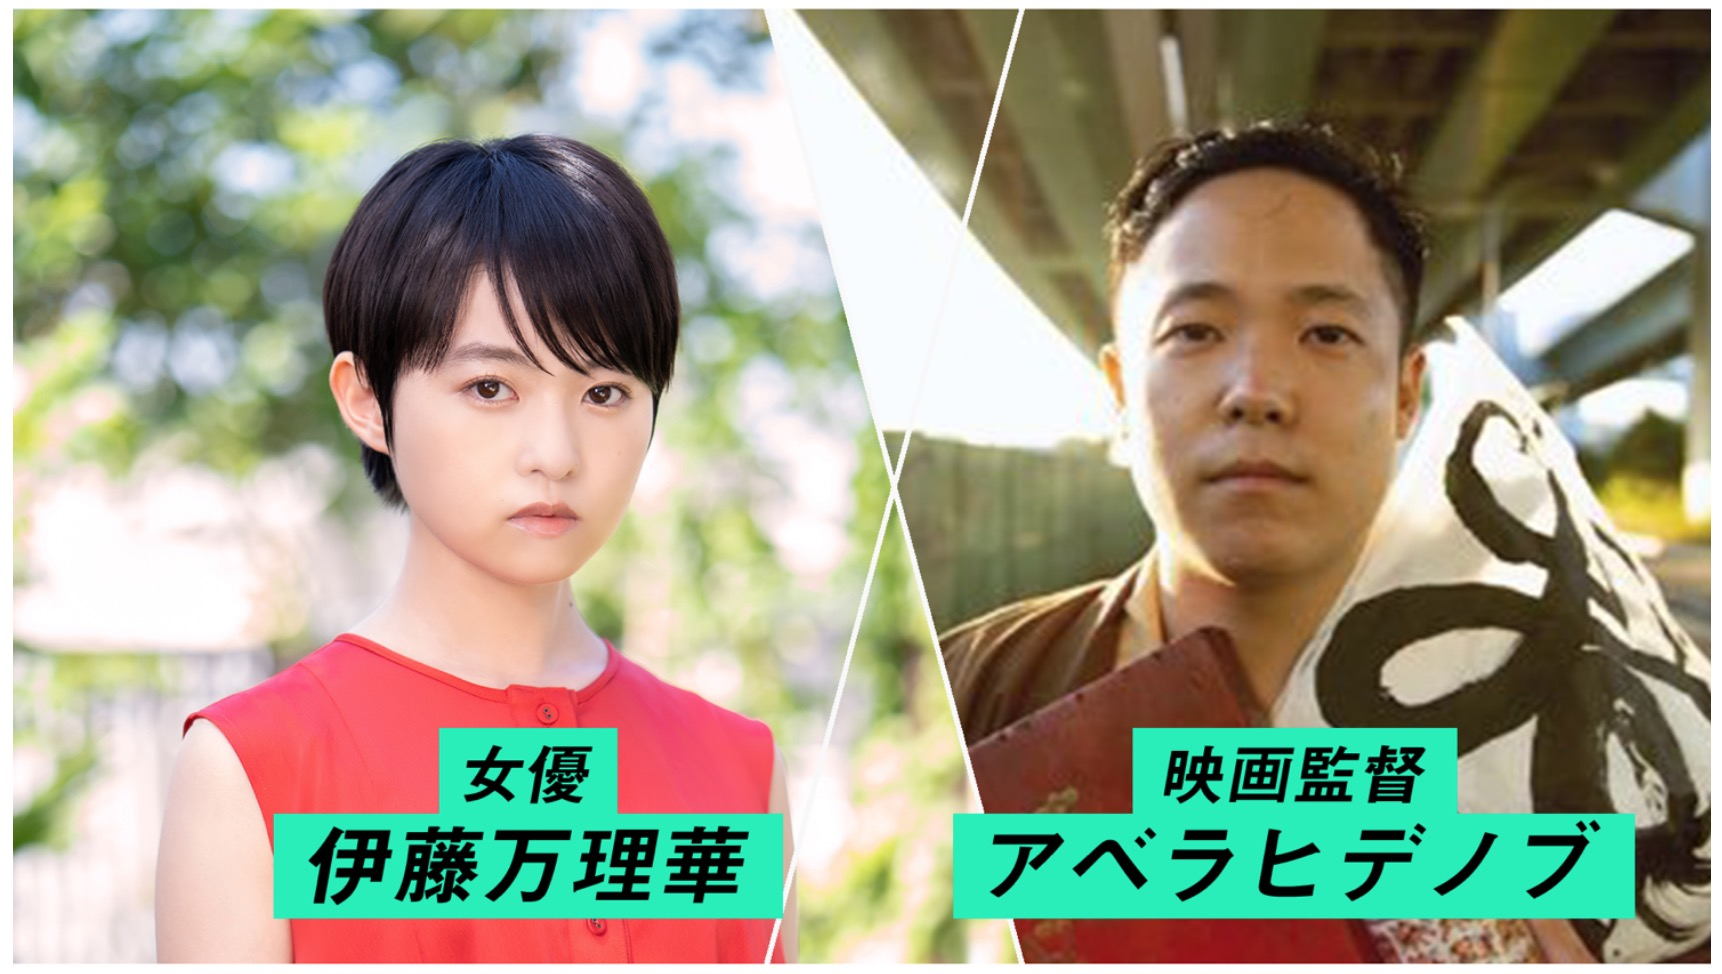 ドラマ「私たちも伊藤万理華ですが。」で主演する伊藤万理華、監督のアベラヒデノブ